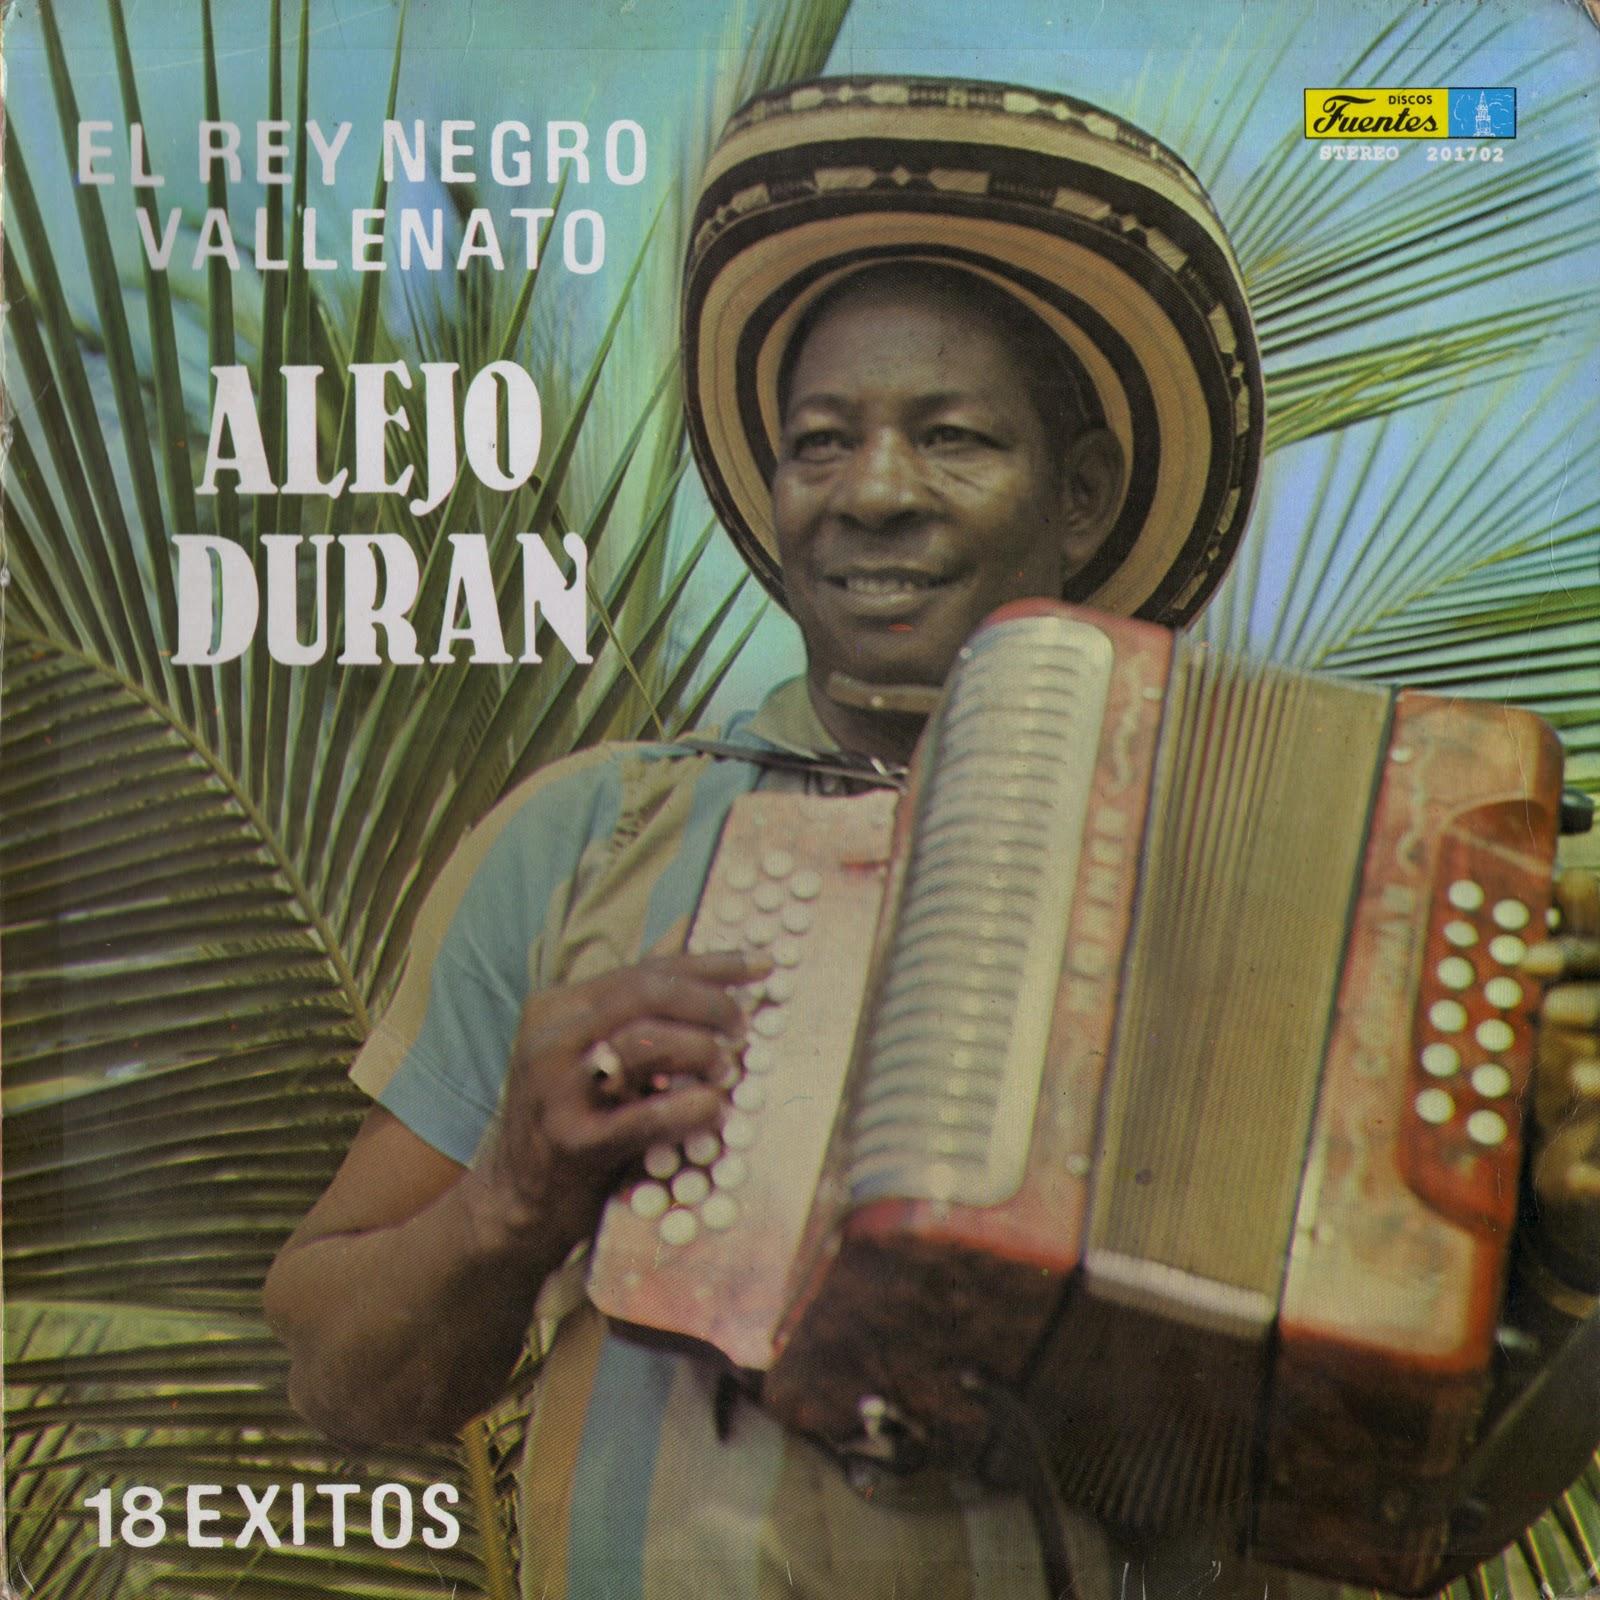 Alejandro Durán Y Su Conjunto - La Ola Del Vallenato